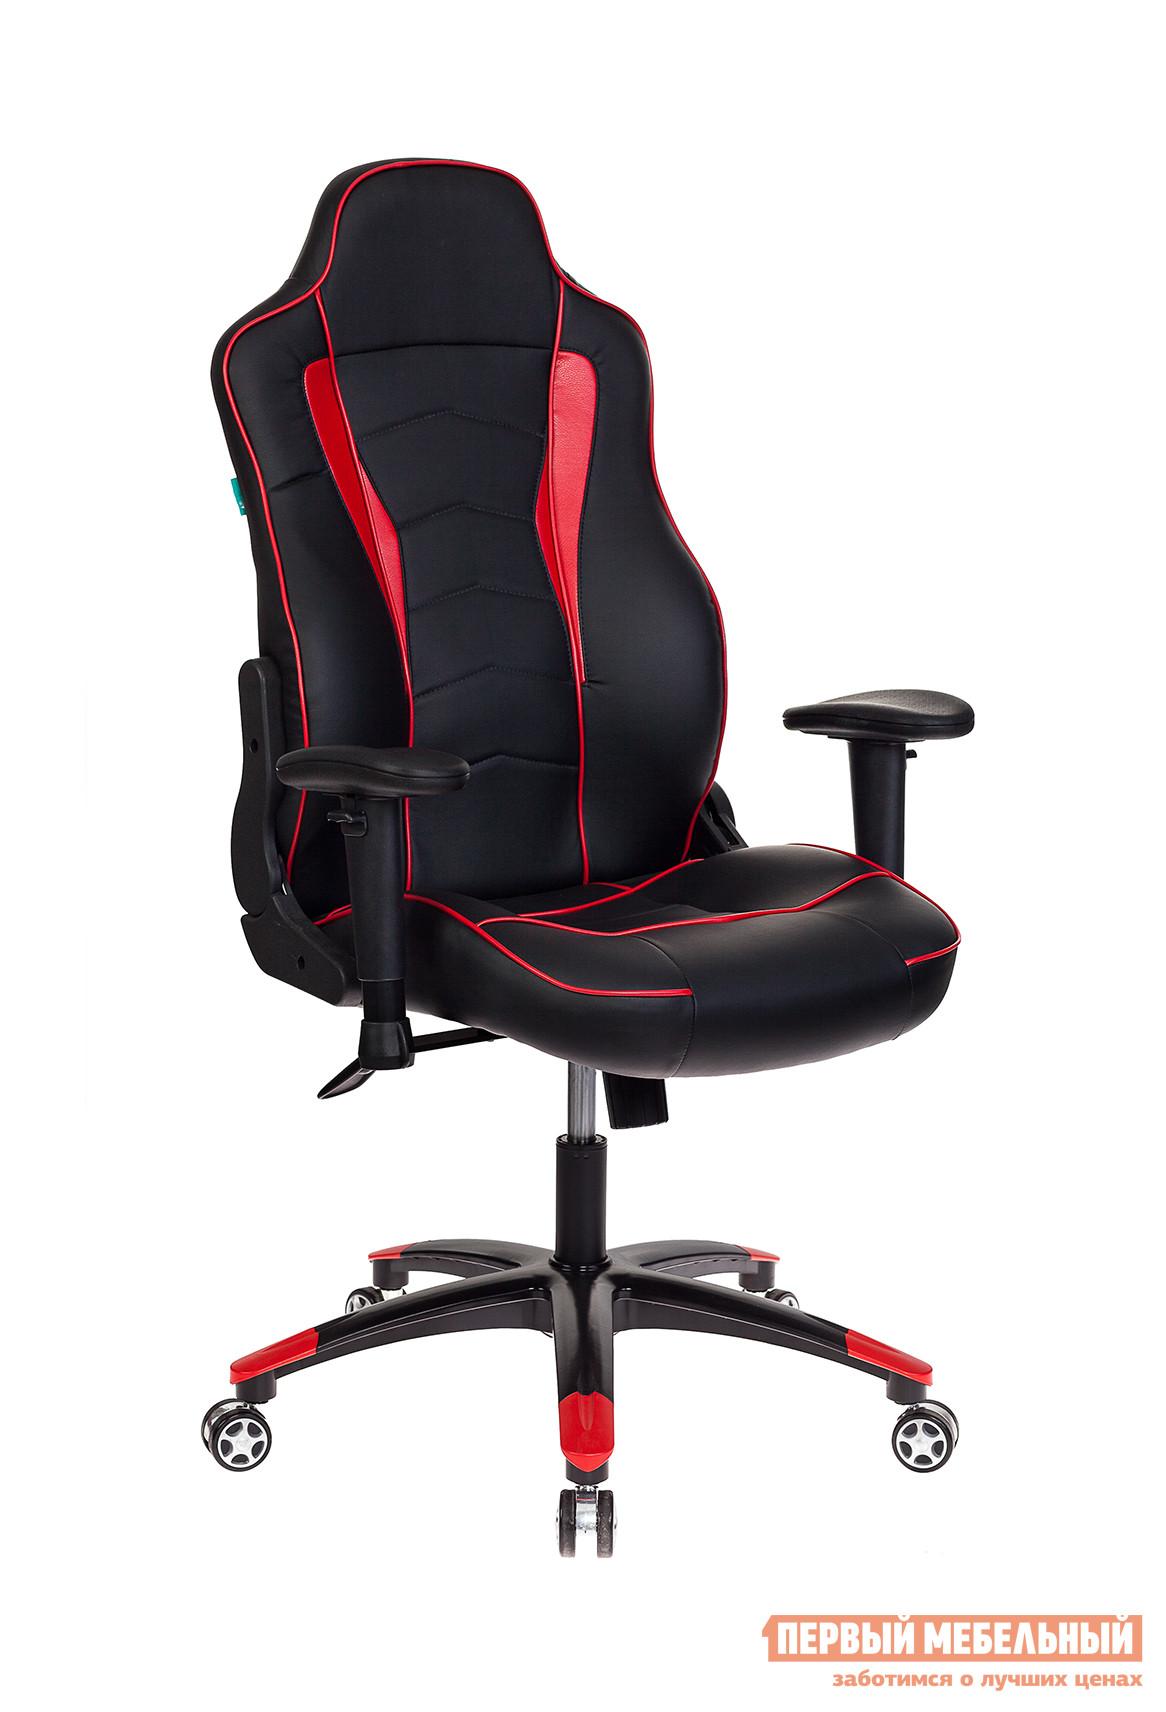 Игровое кресло Бюрократ Кресло игровое VIKING-3 кресло игровое бюрократ viking 2 black